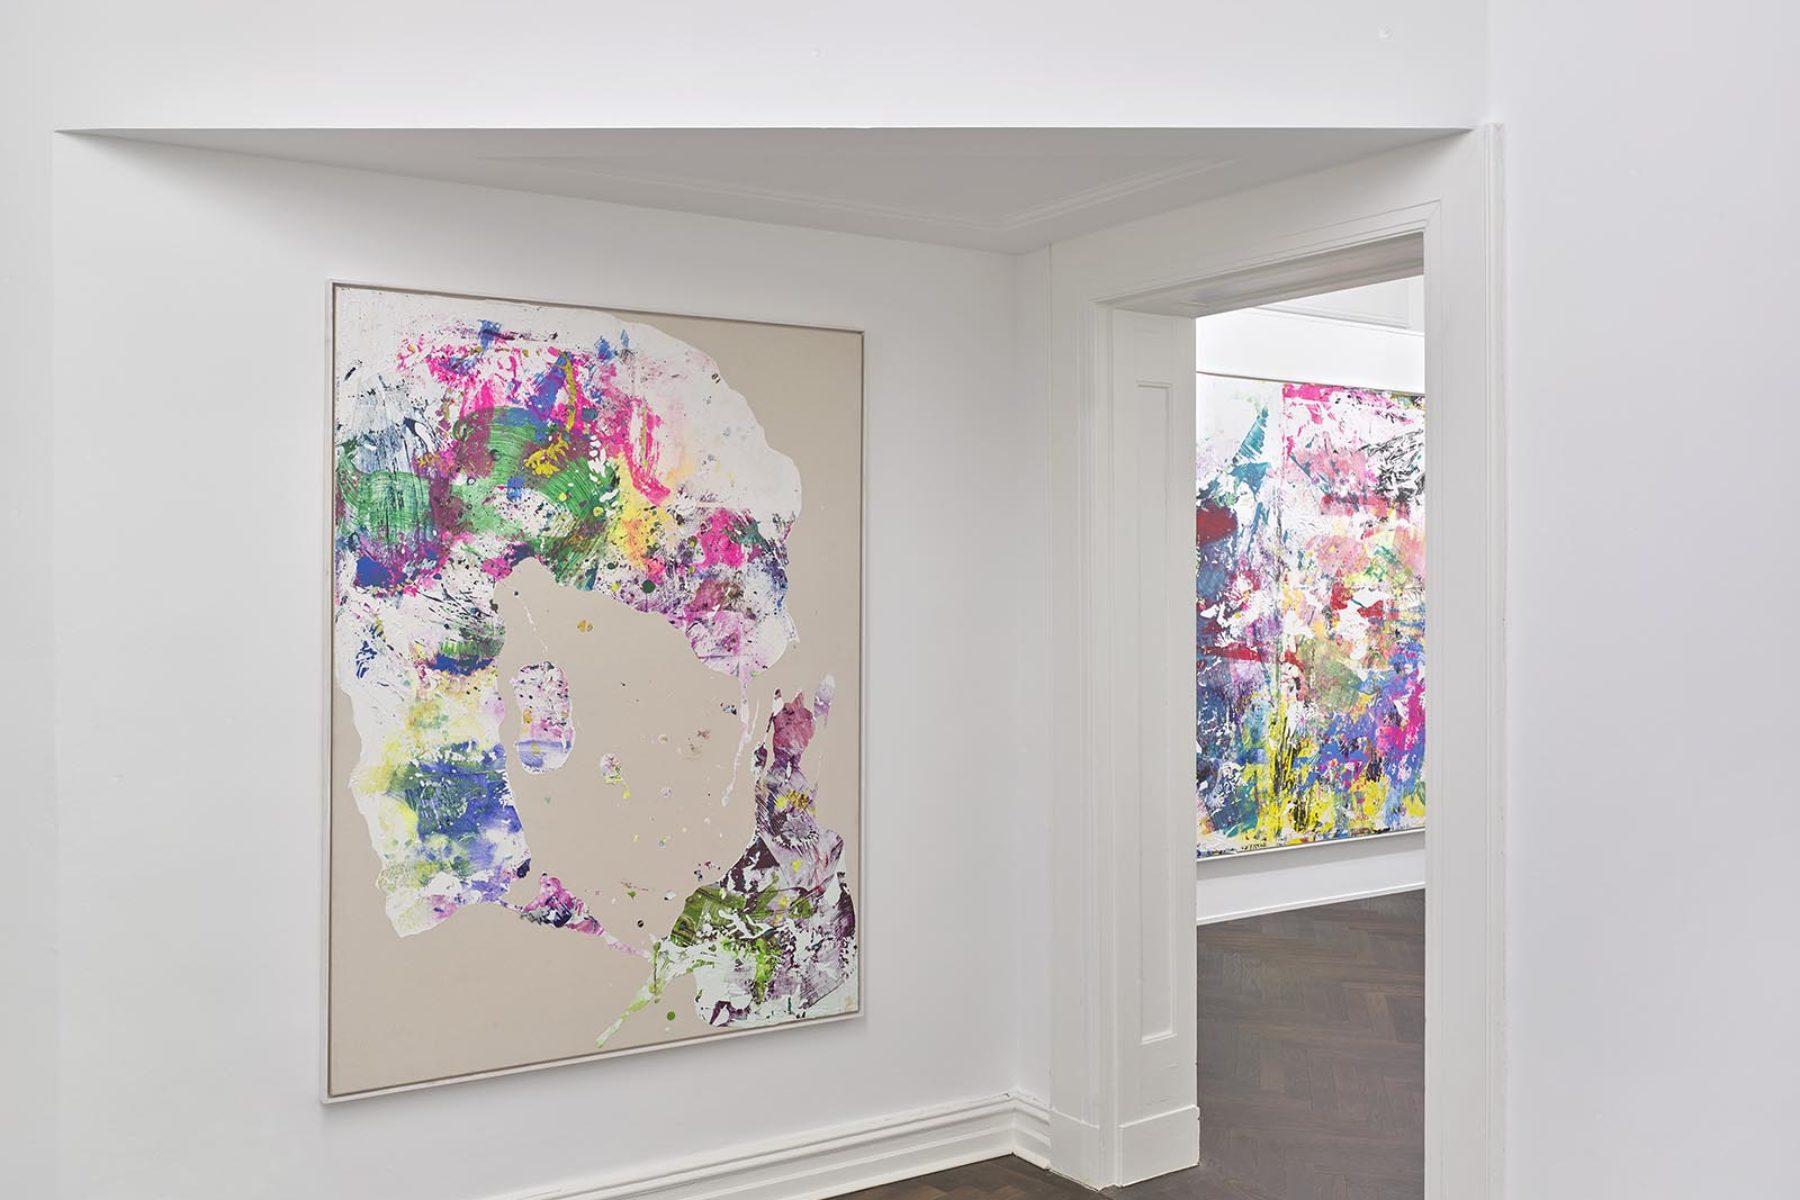 Tiziano Martini, Die Tücken der neuen Freiheit, installation view, Achenbach Hagemeier Gallery, Düsseldorf, ph. Achim Kukulies